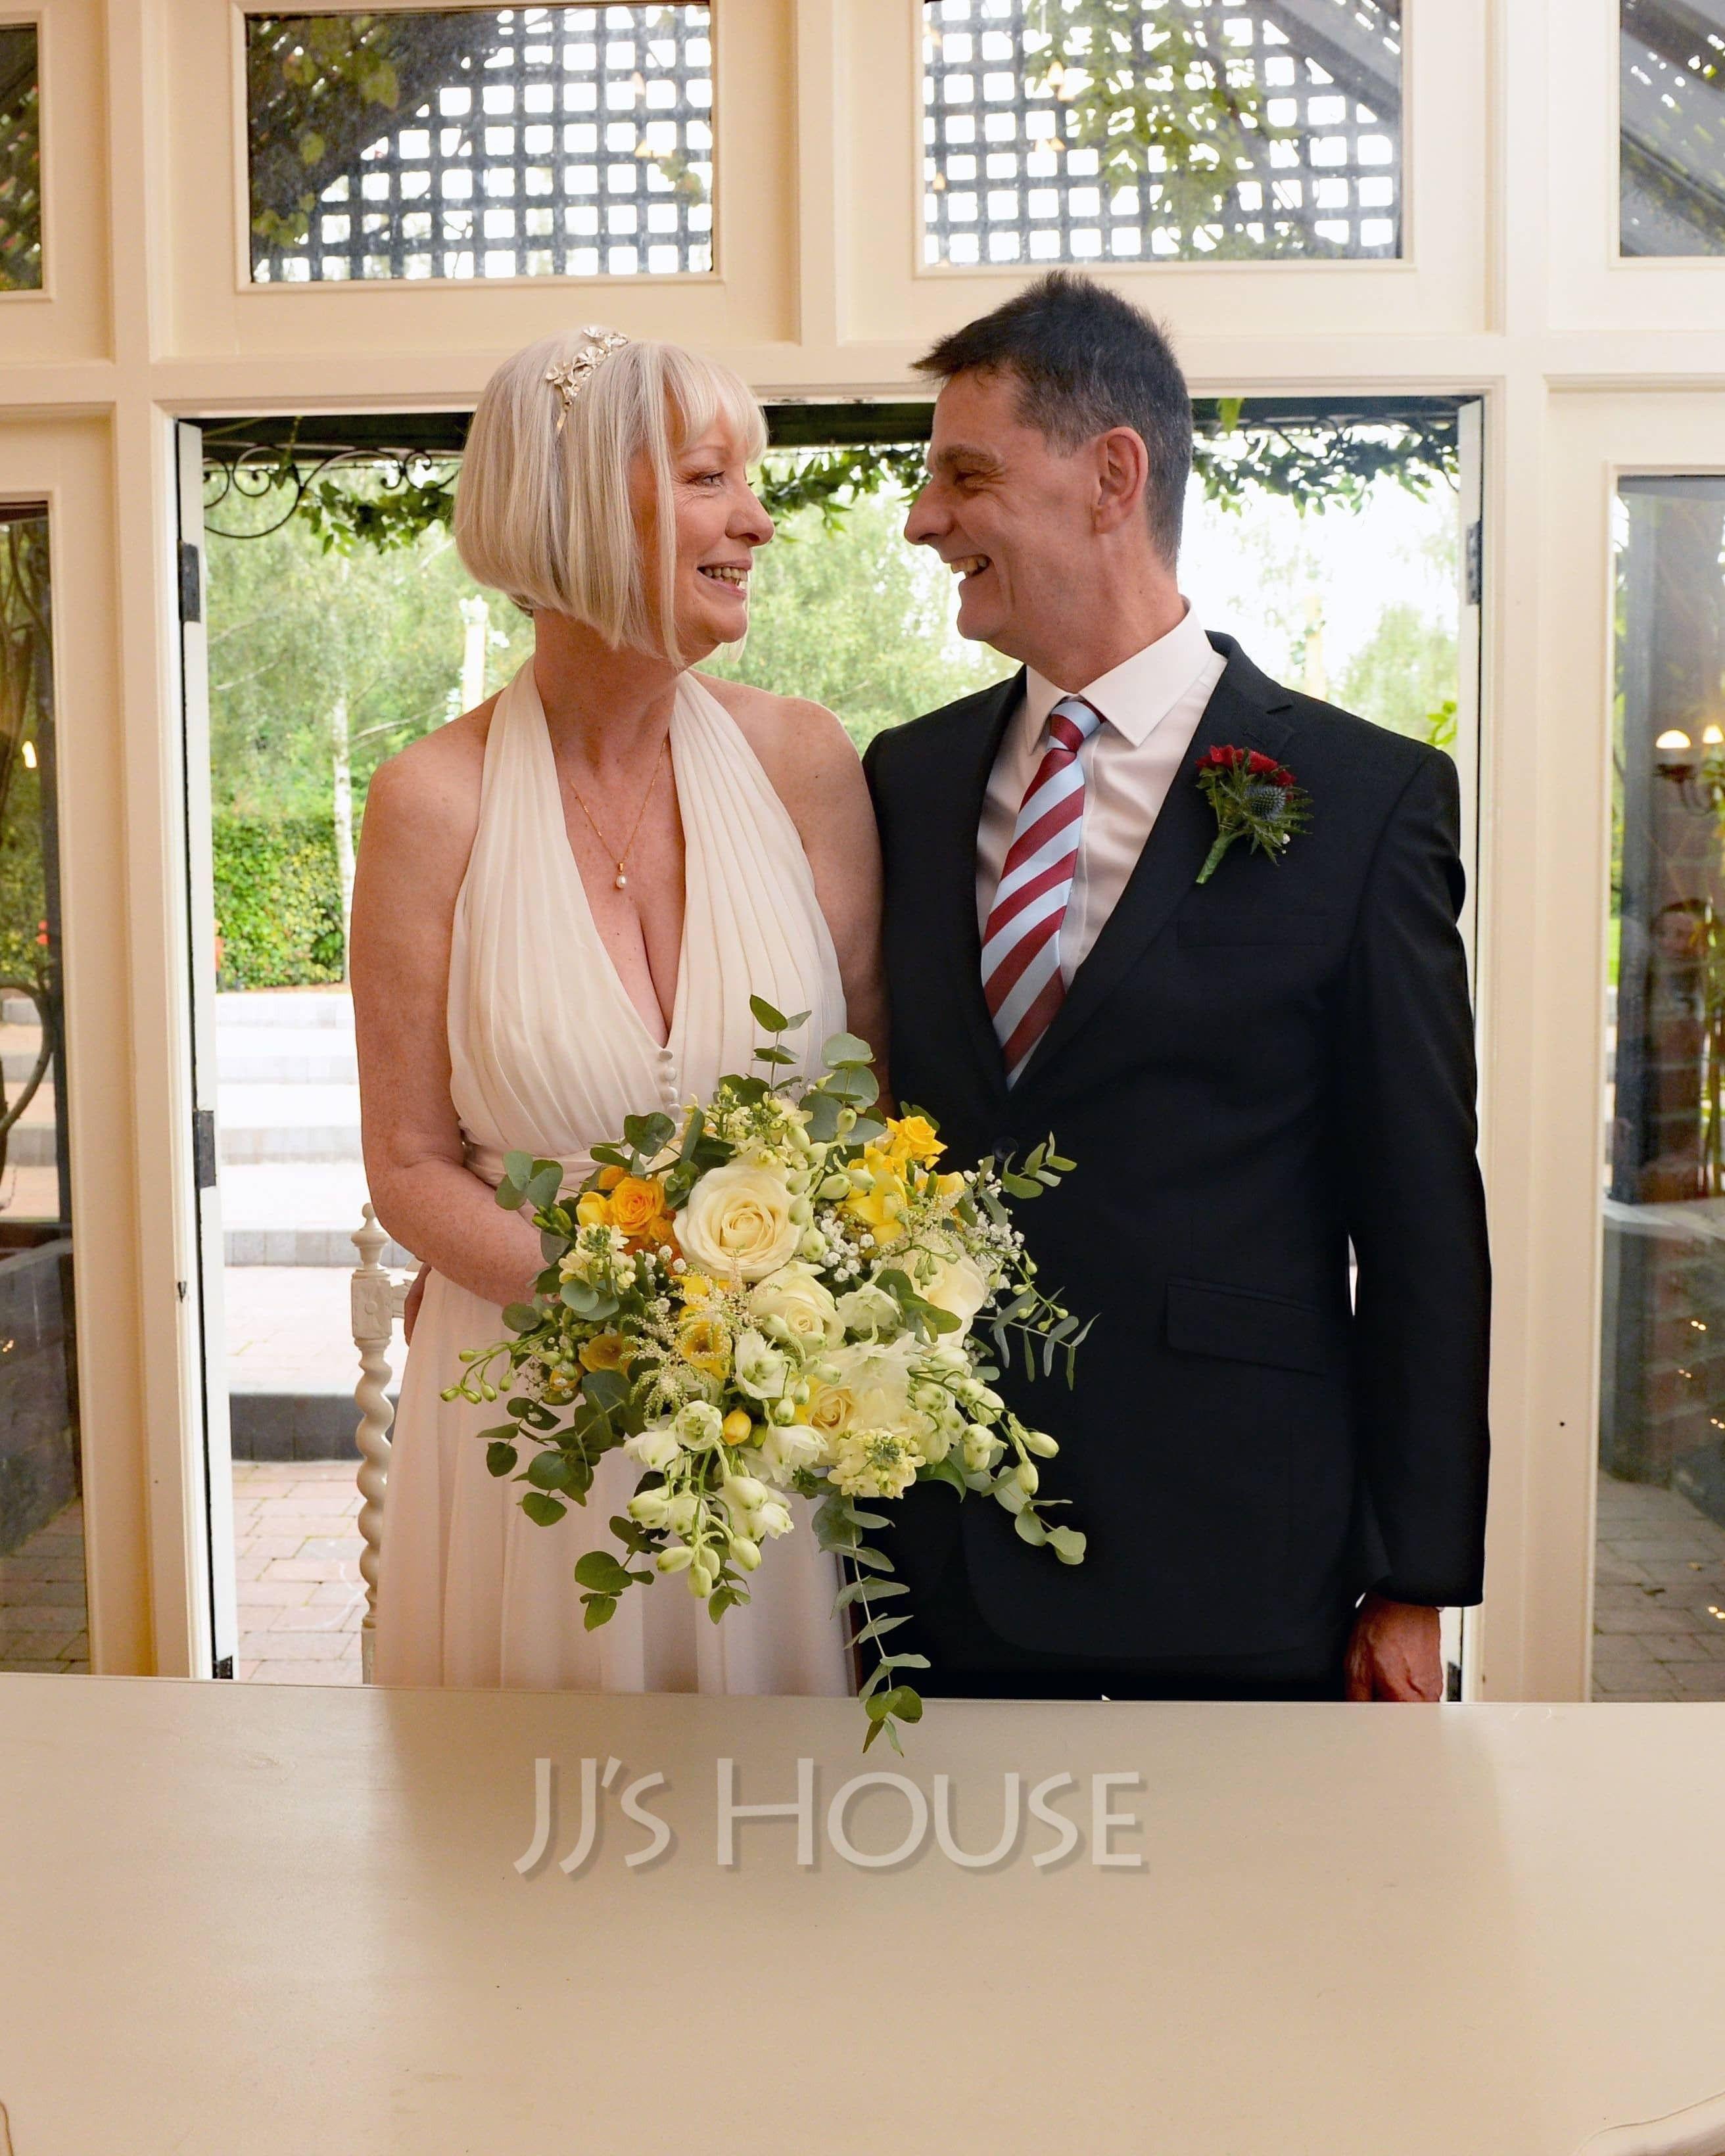 Этот образ от Галереи стиля JJ's House! Смотрите больше образов от их клиентов на этом сайте!